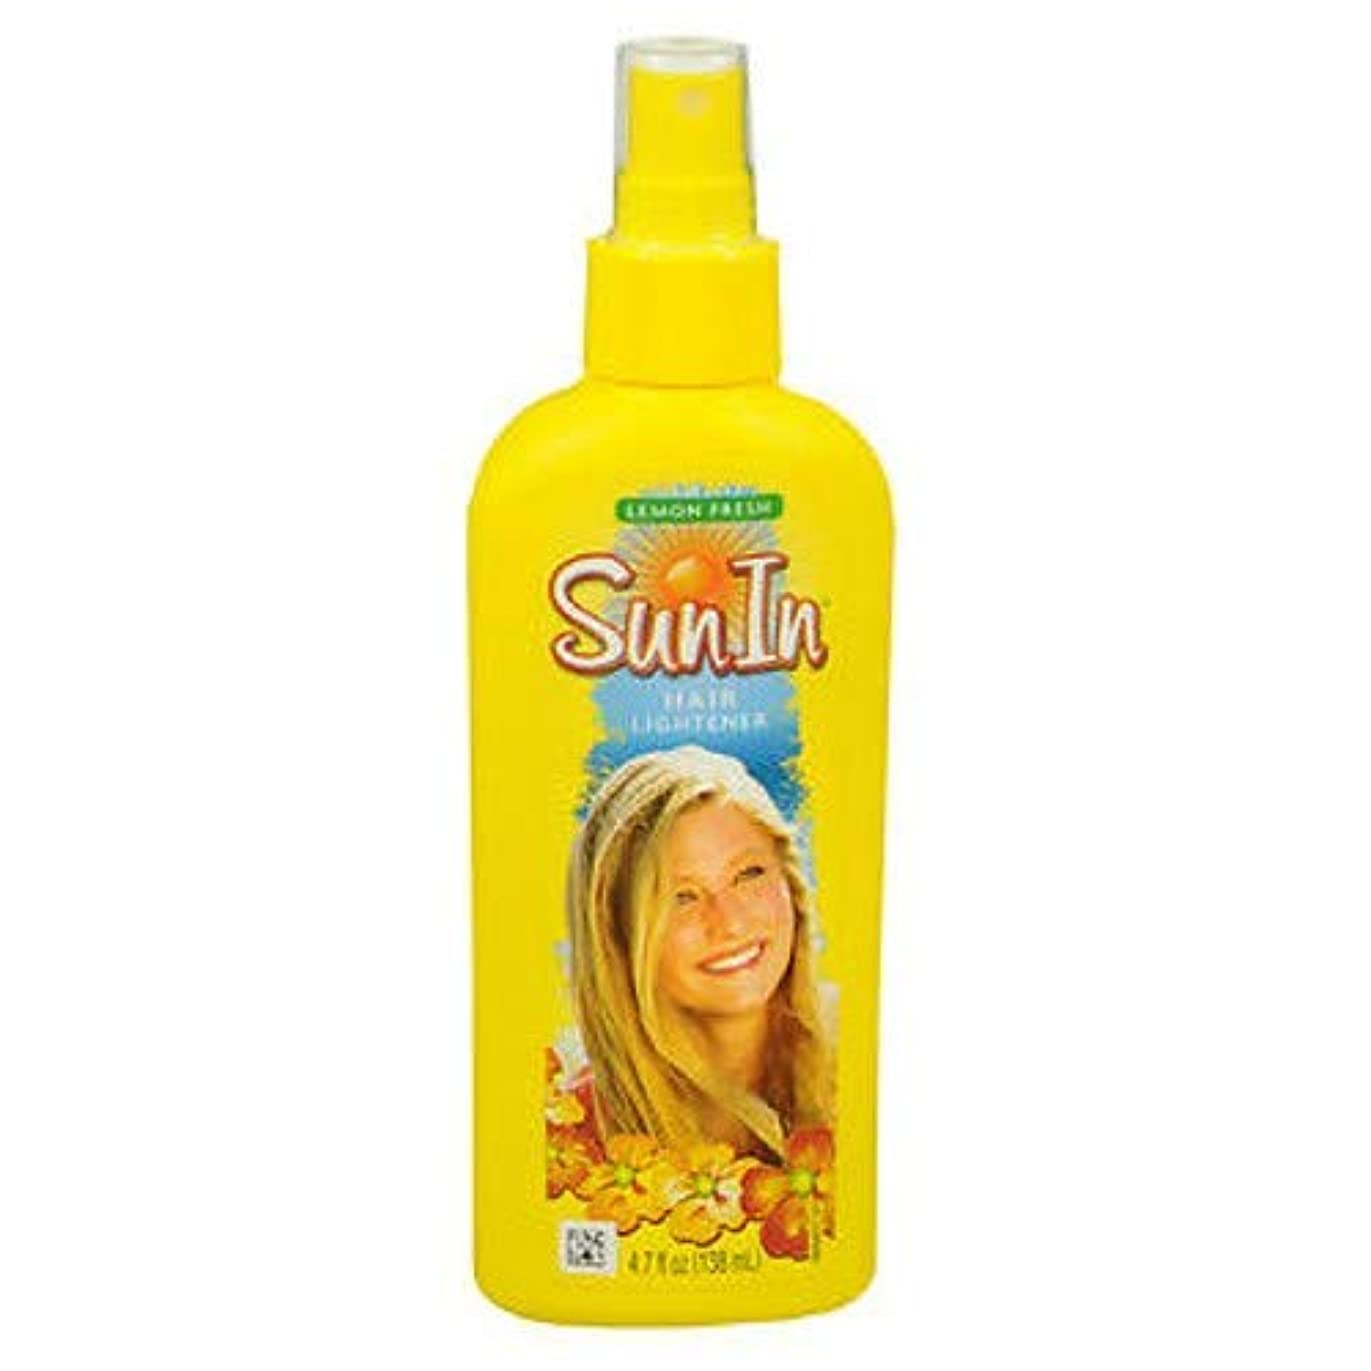 海外直送品Sun-In Sun-In Hair Lightener Spray Lemon Fresh, Lemon Fresh 4.7 oz